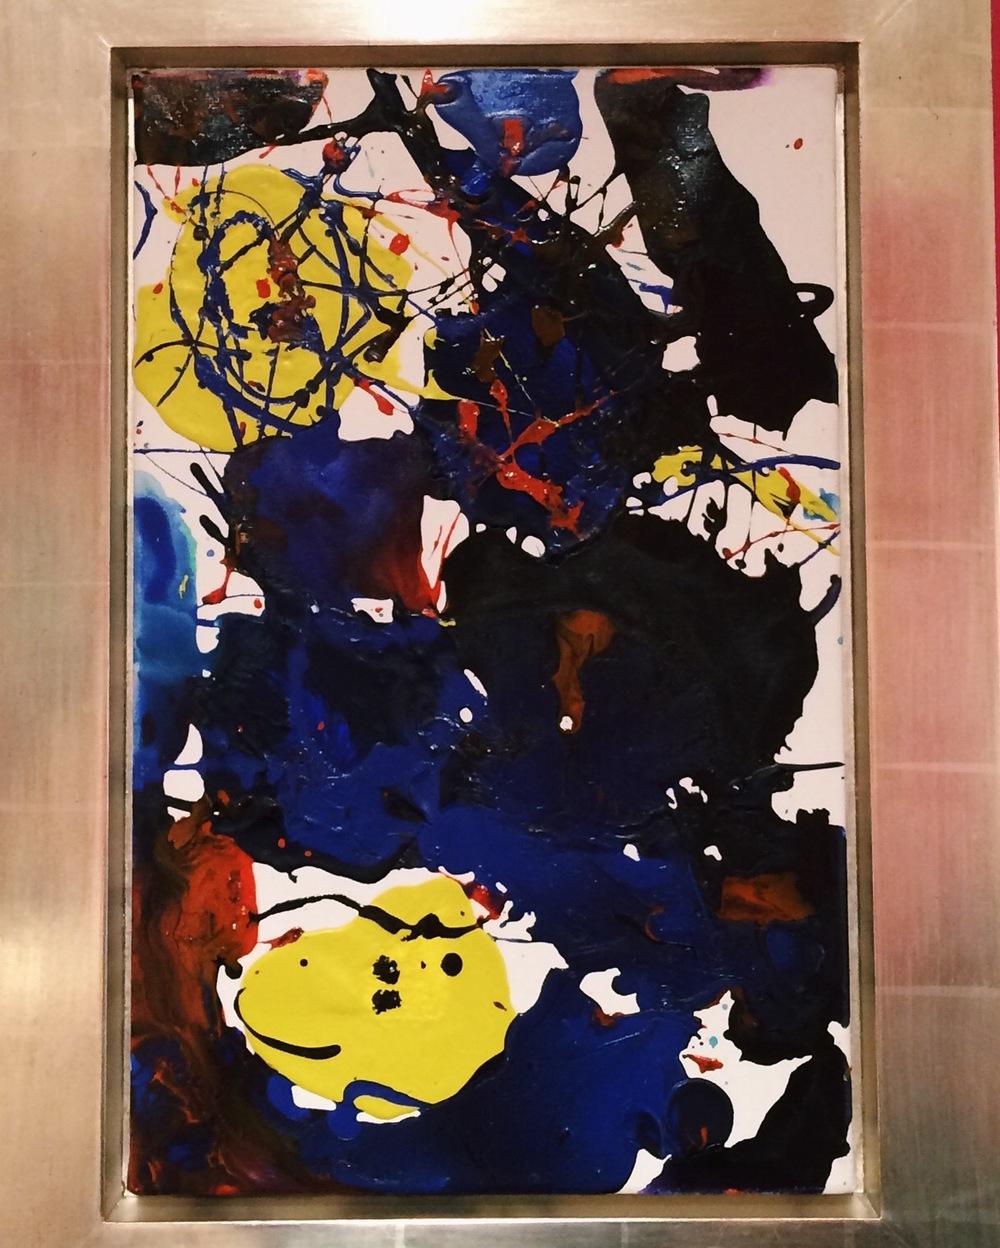 Last Works: Sam Francis Painting 94-131